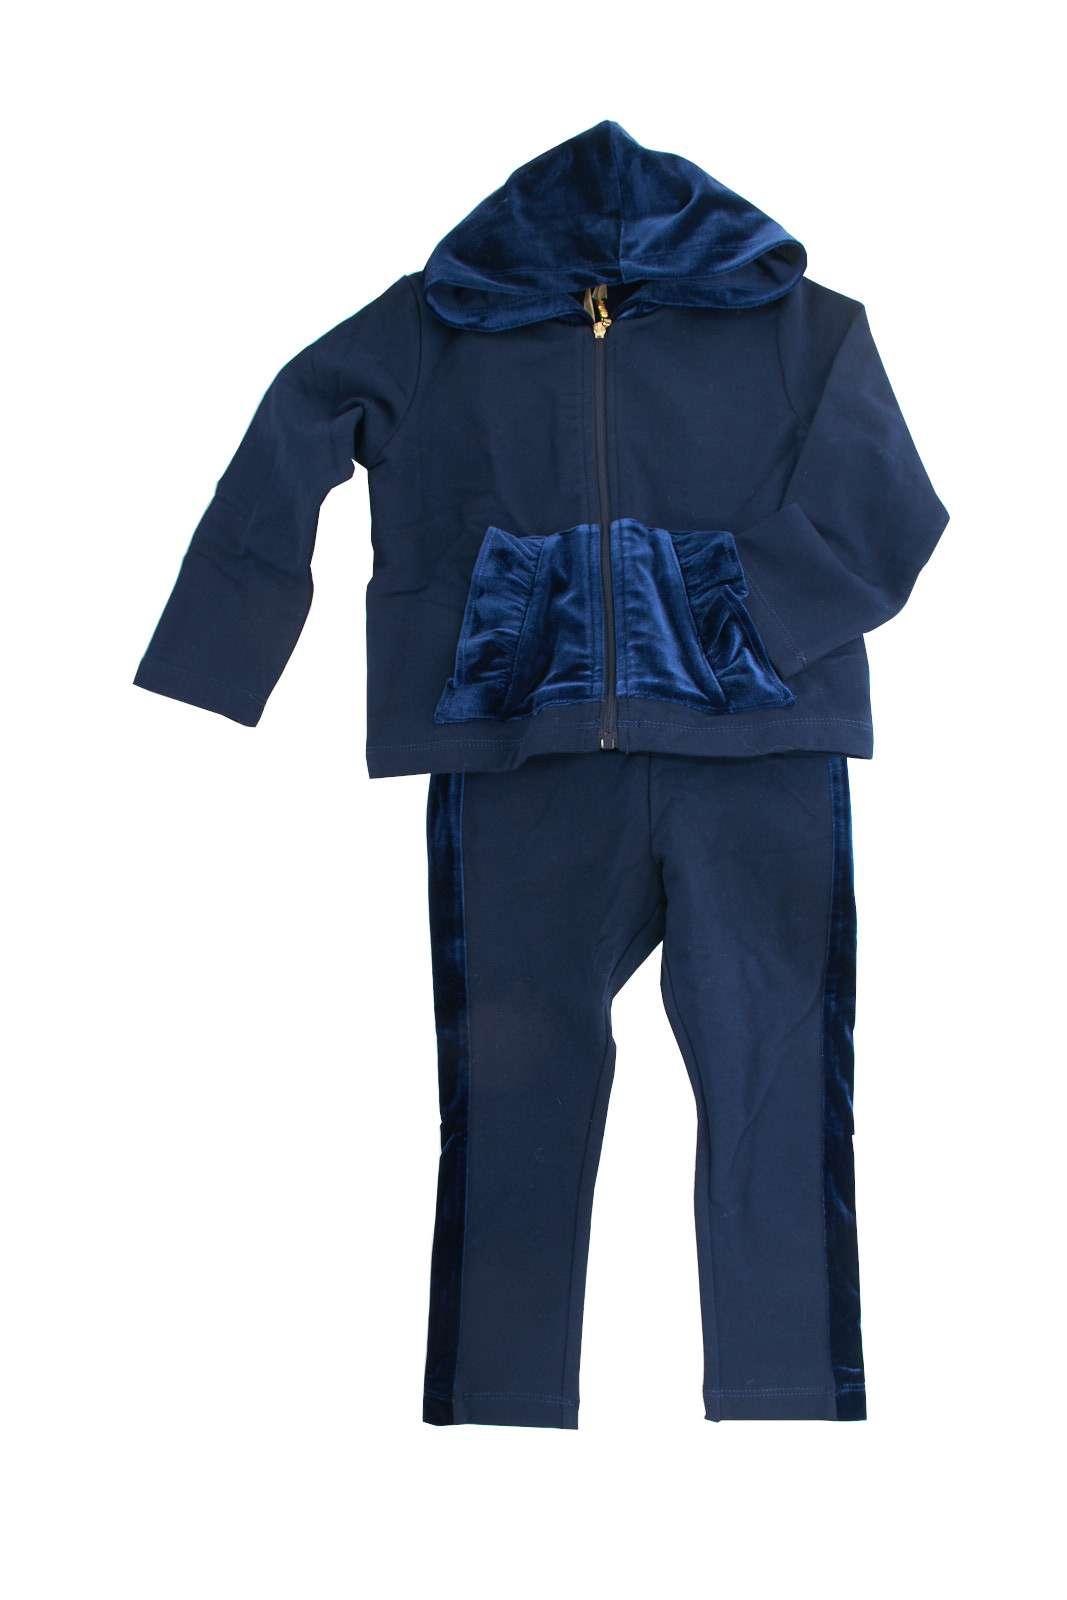 Un completo glamour e versatile quello proposto dalla collezione Liu Jo Bambina. I dettagli in velluto la rendono un capo fashion con tutta la comodità dell'abbigliamento sportivo. Un must have di stagione.